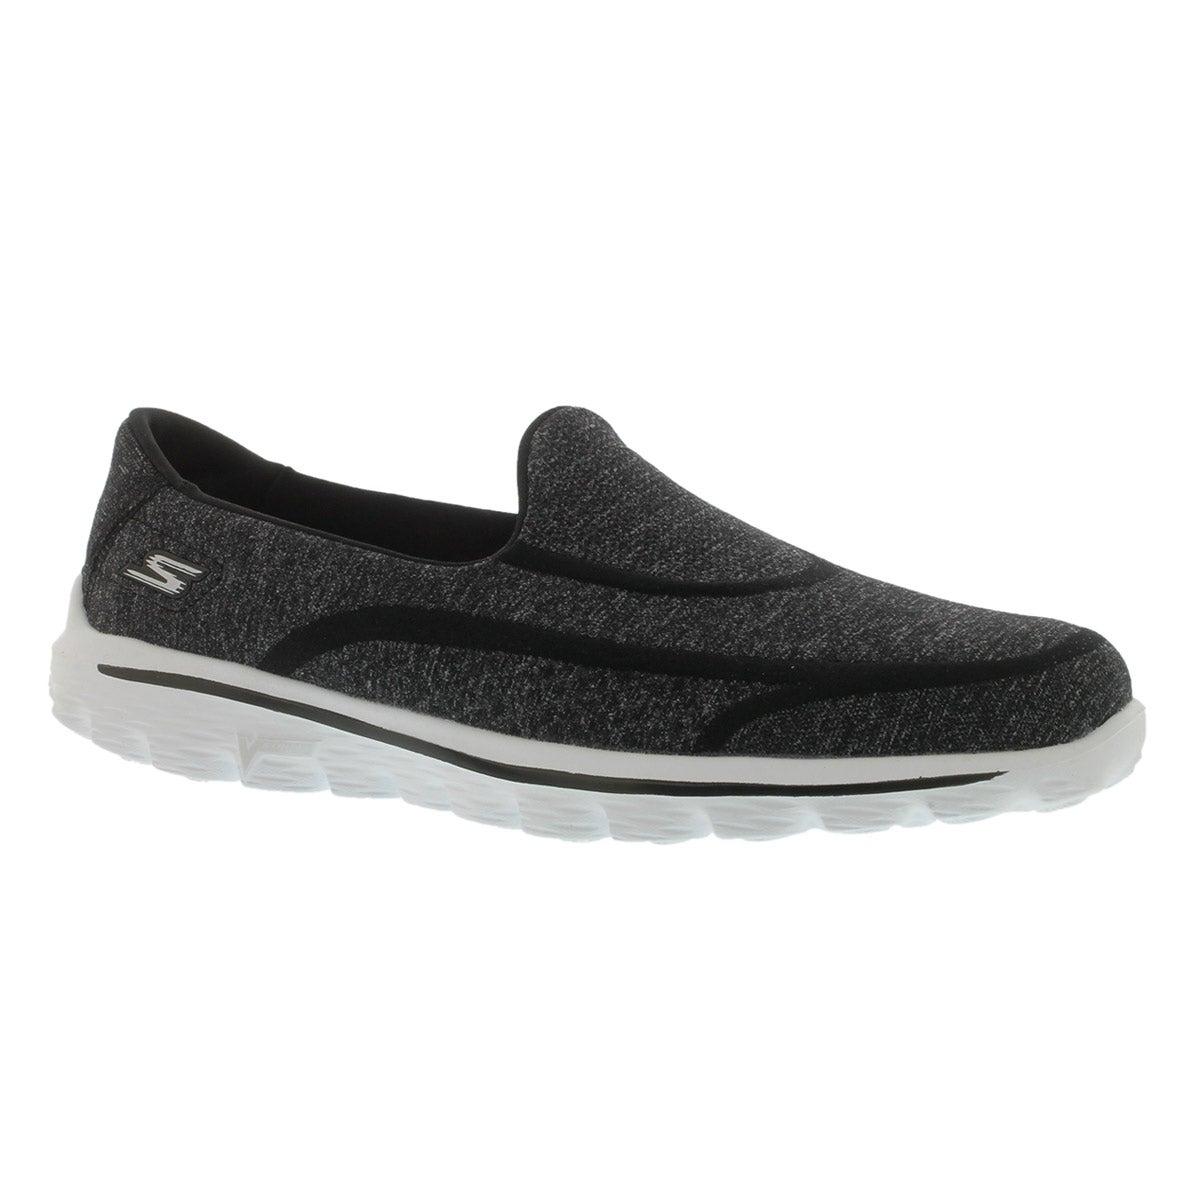 Lds GOwalk 2-Super Sock2 blk/wht slip on